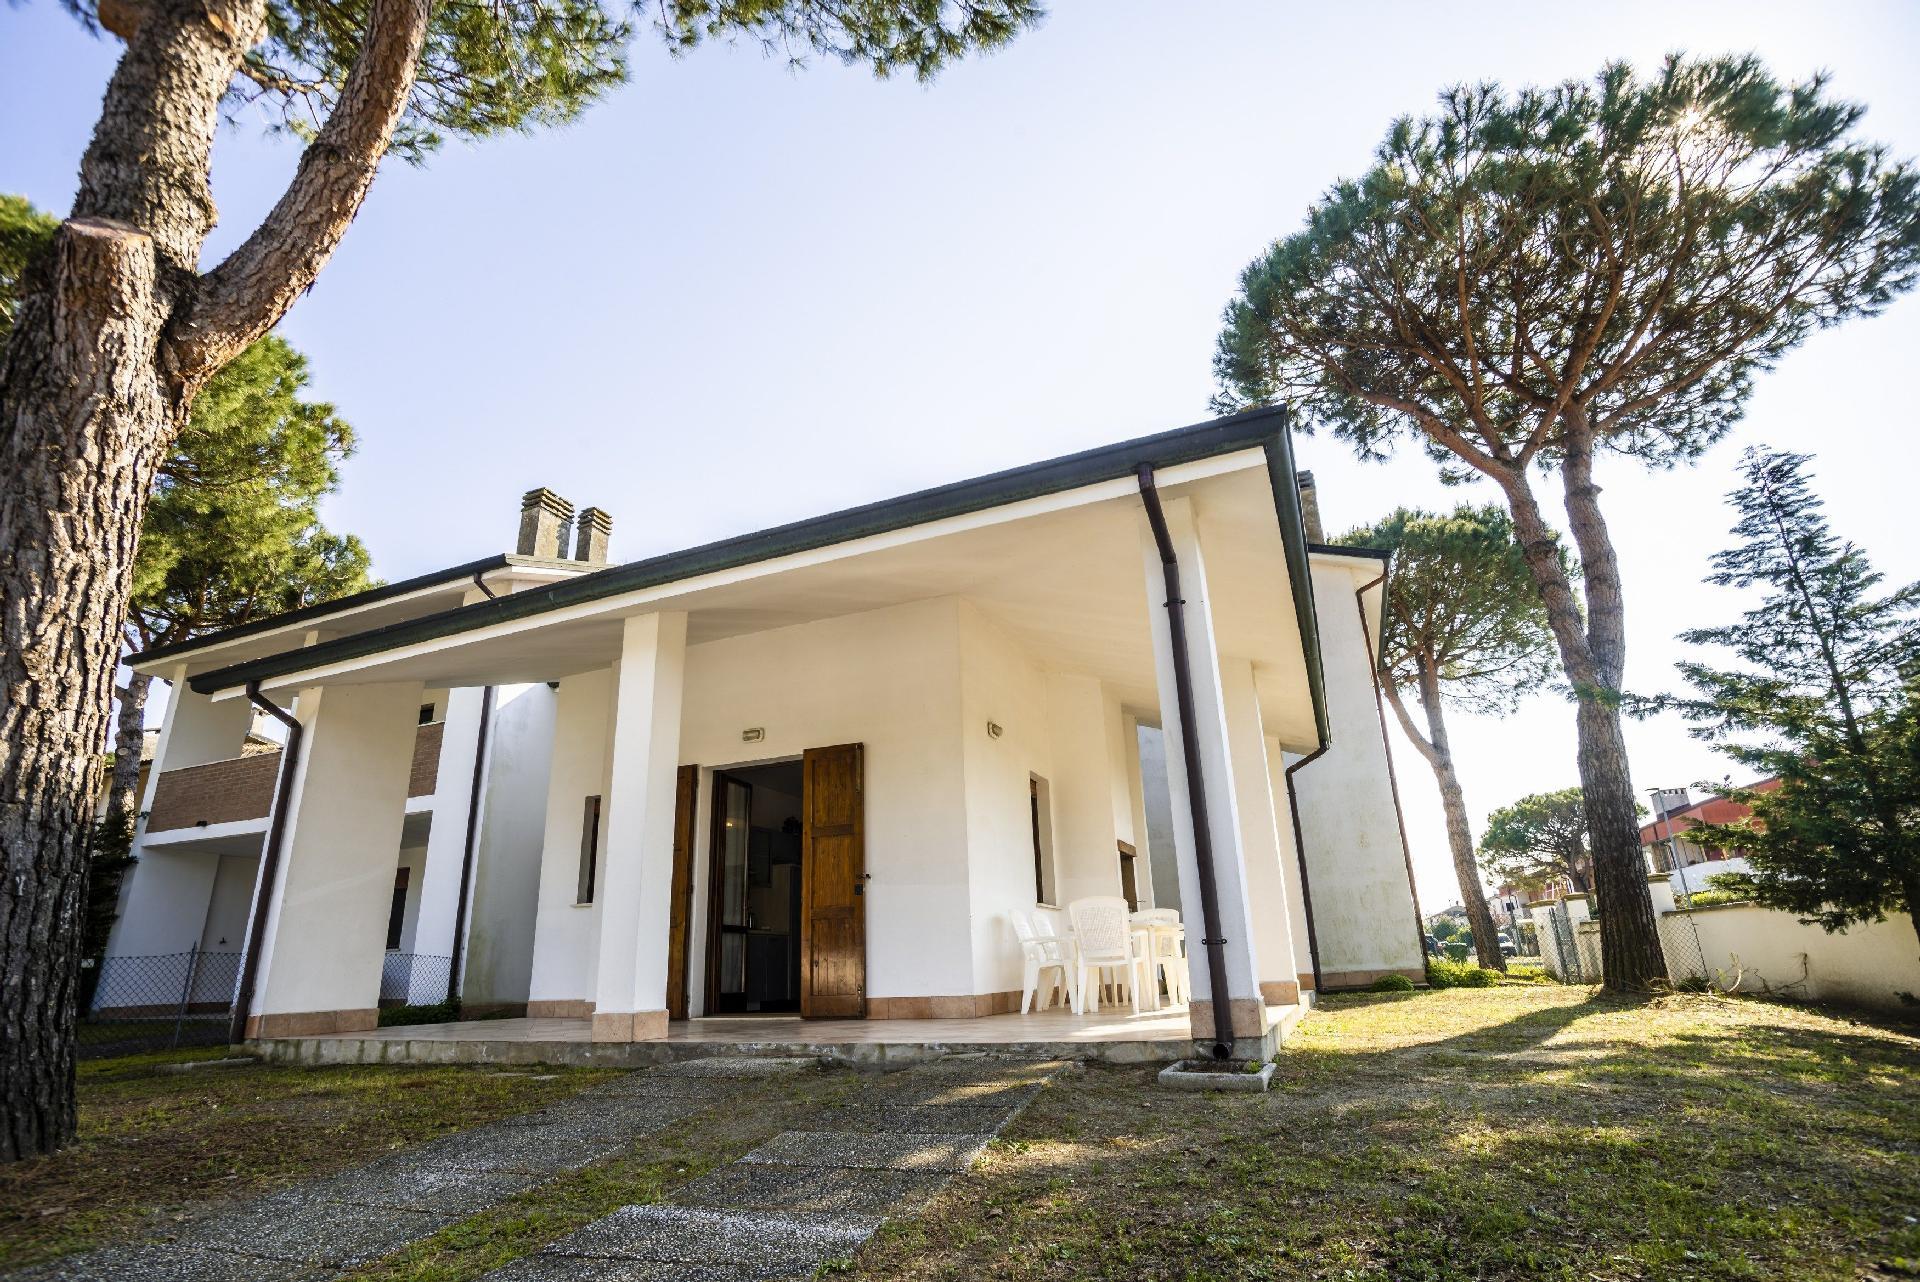 Ferienhaus für 6 Personen ca. 47 m² in L